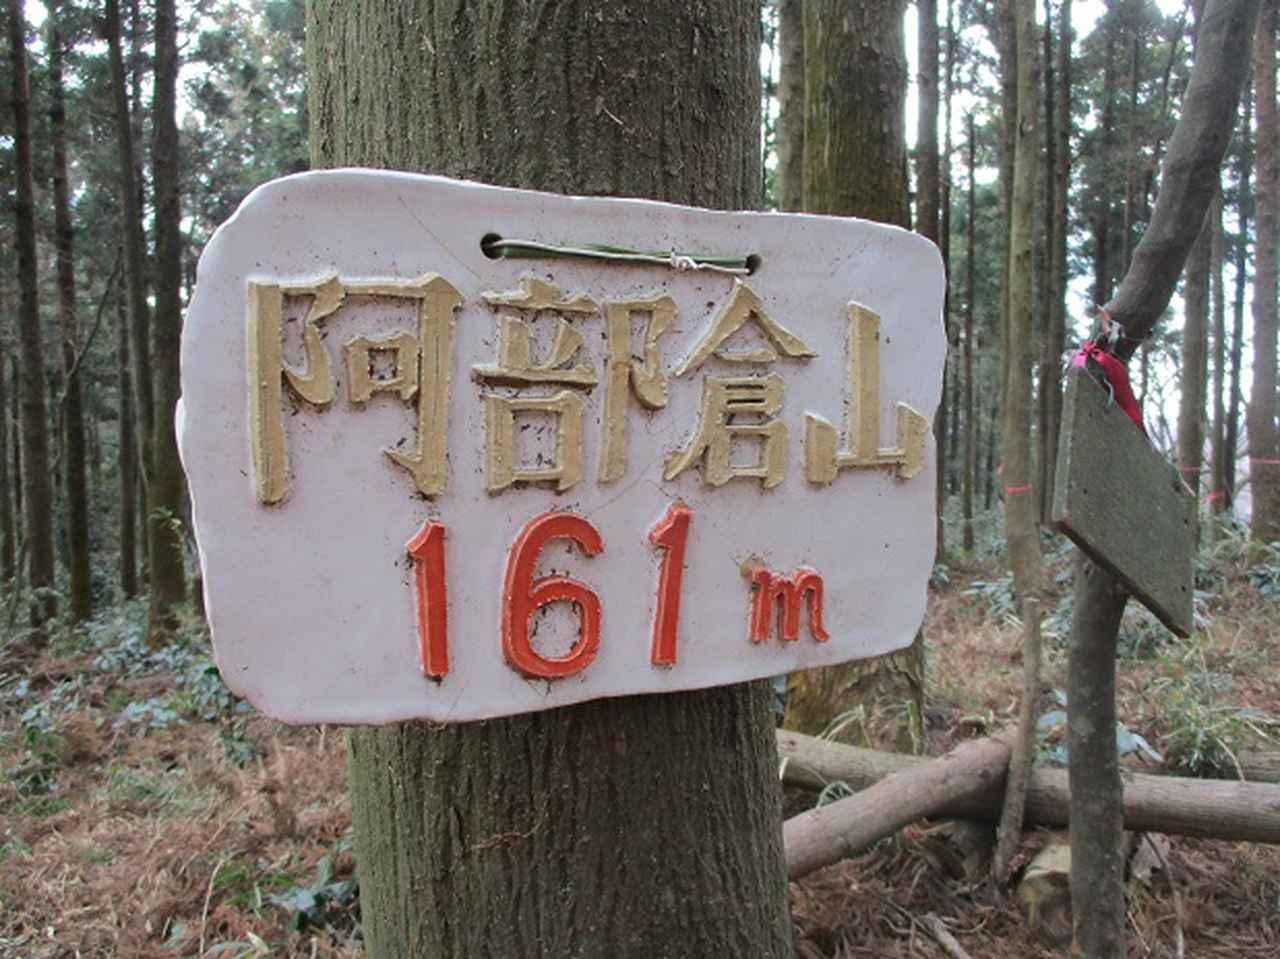 画像5: 【山旅会・登山ガイドこだわりツアー】添乗員からの便り・阿部倉山から二子山ツアーの下見にいってまいりました!